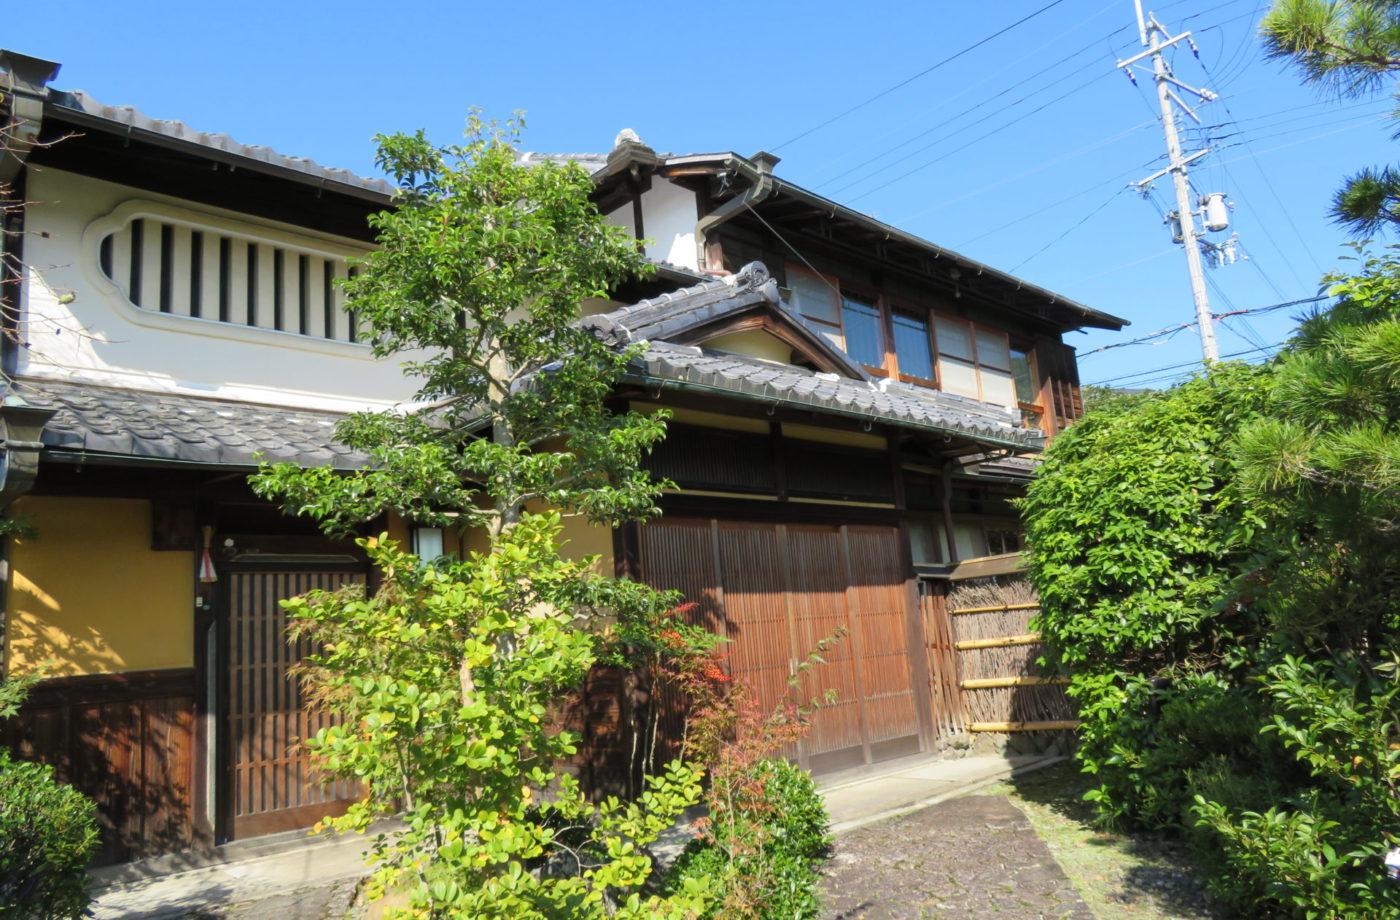 04  太田邸 × 茶道体験カメリア